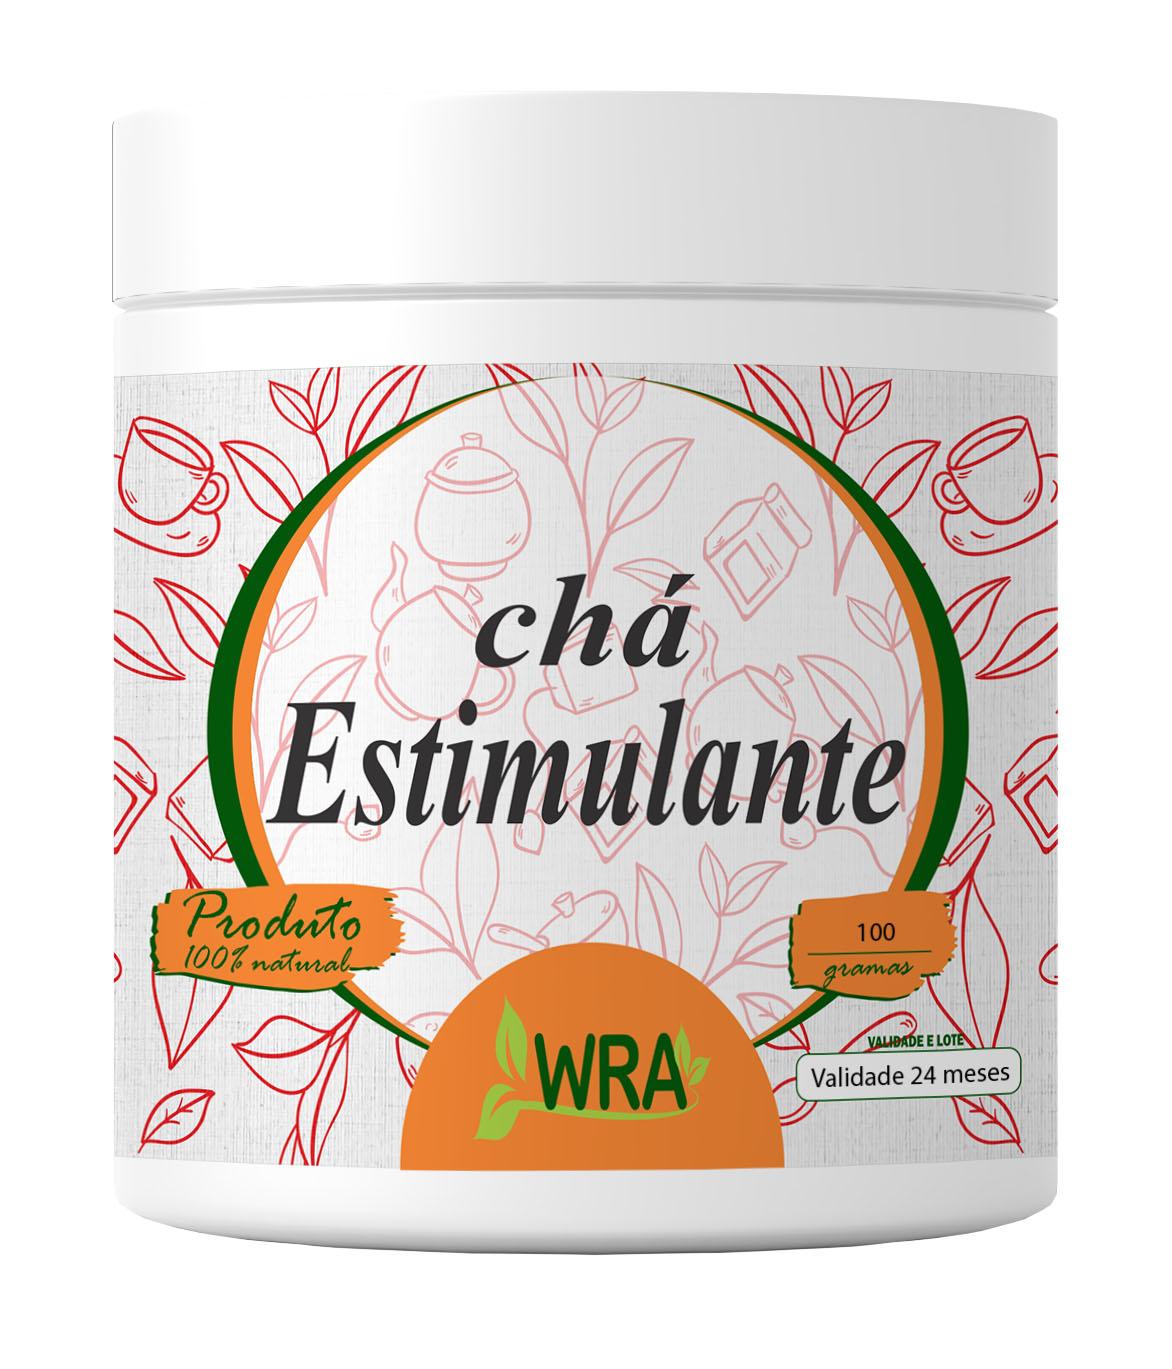 Chá Estimulante